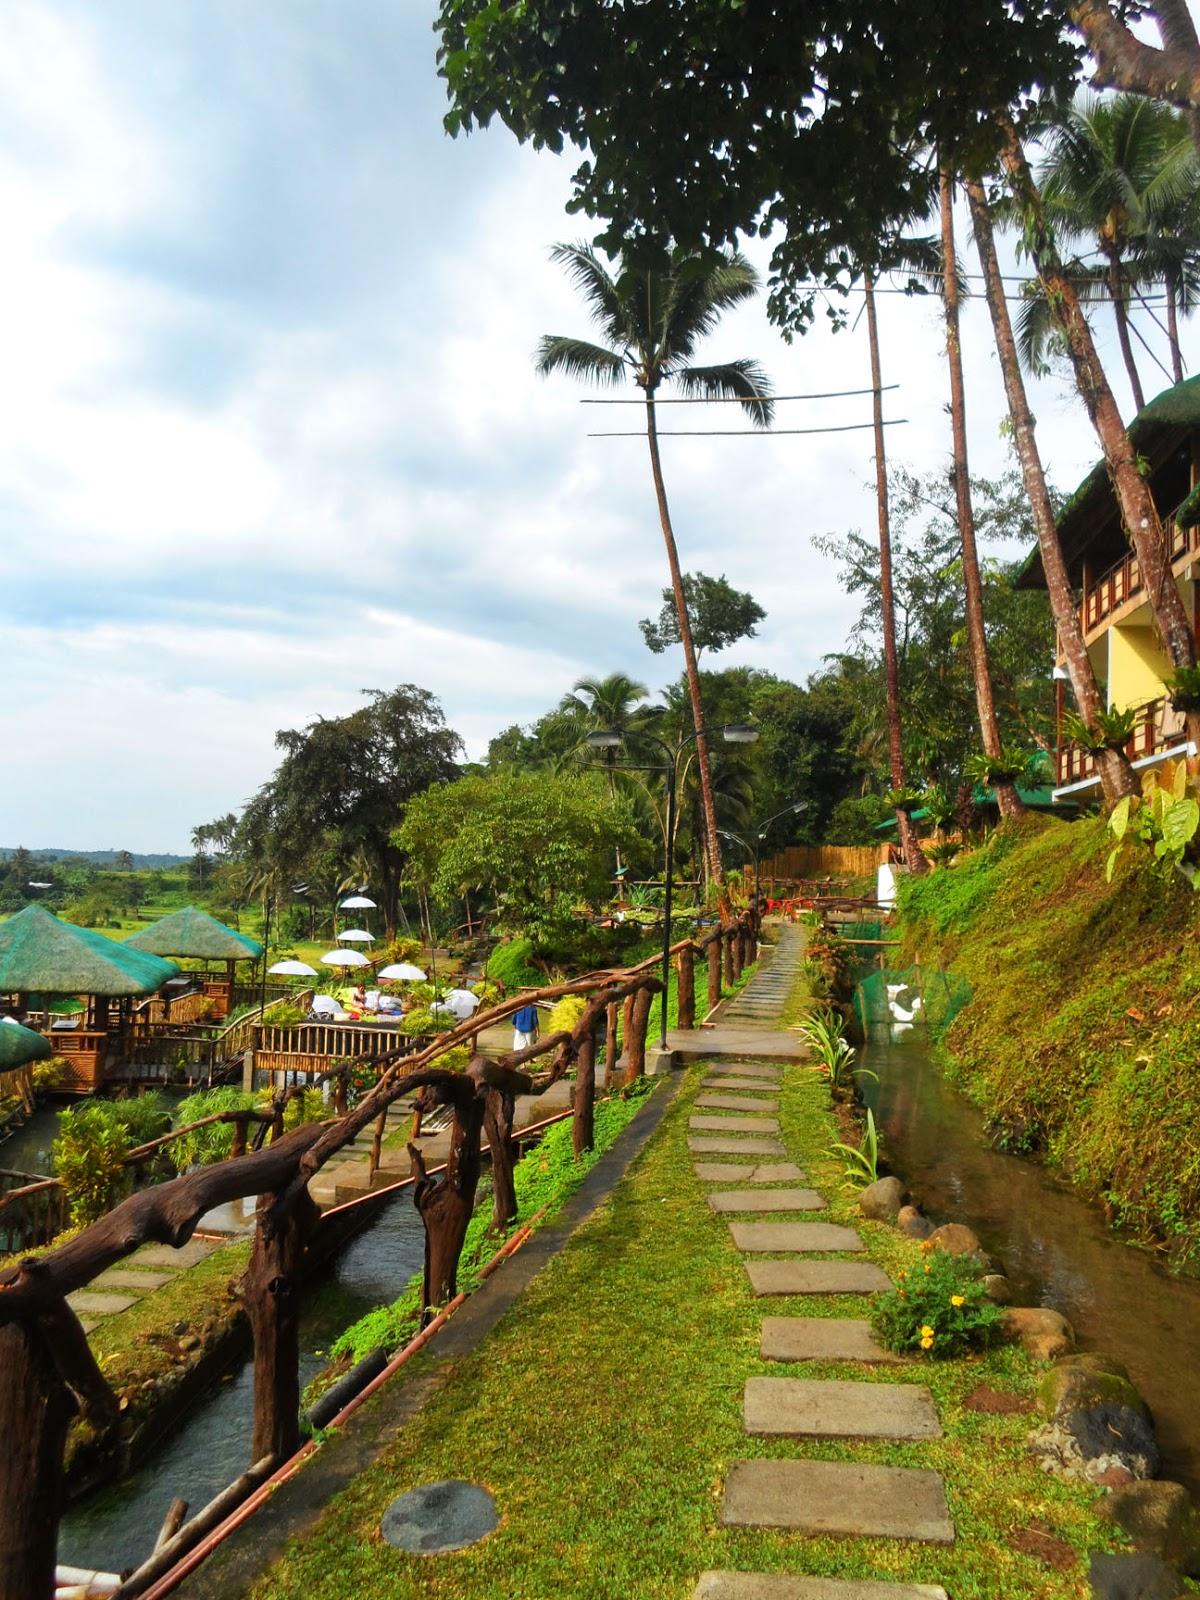 Samkara Restaurant And Garden Resort An Emerging Romantic